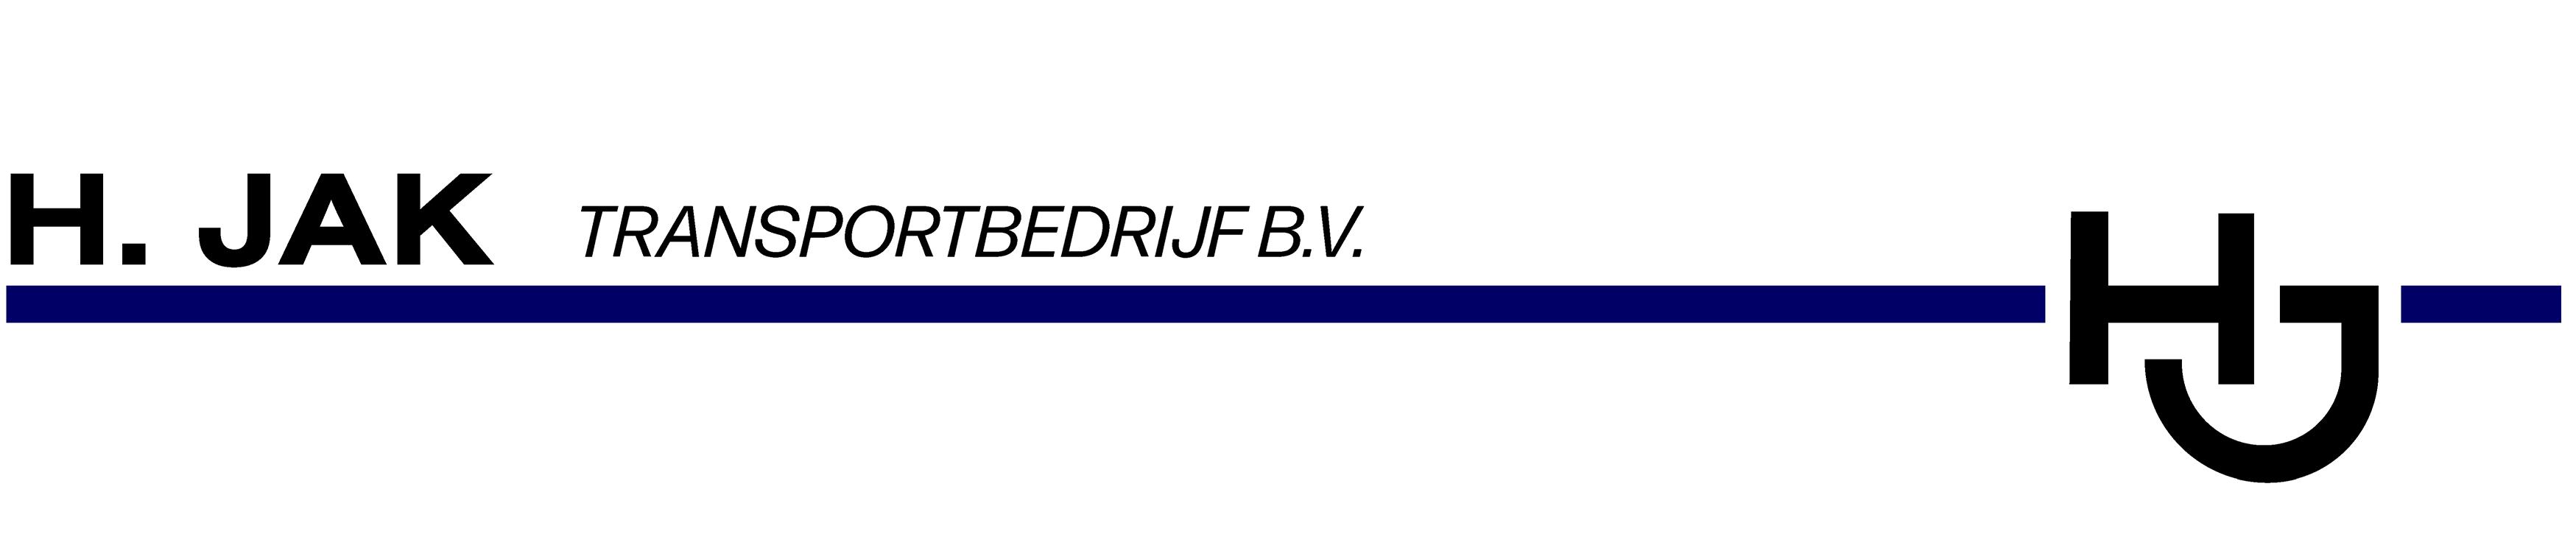 H. Jak Transportbedrijf B.V.